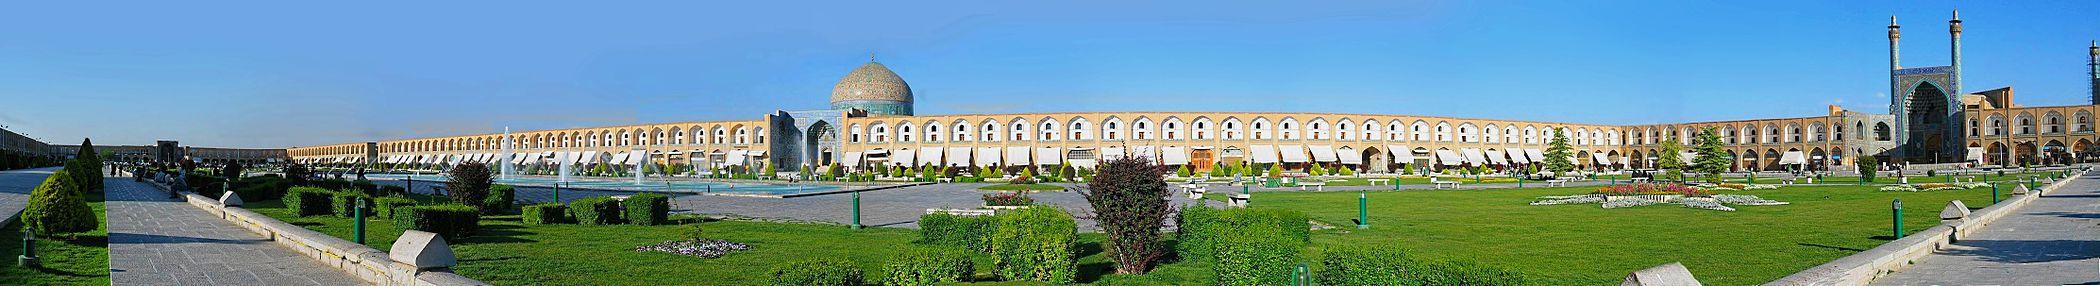 תצלום פנורמי של המרכז ההיסטורי של העיר אספהאן במרכז איראן (לצפייה הזיזו עם העכבר את סרגל הגלילה בתחתית התמונה)